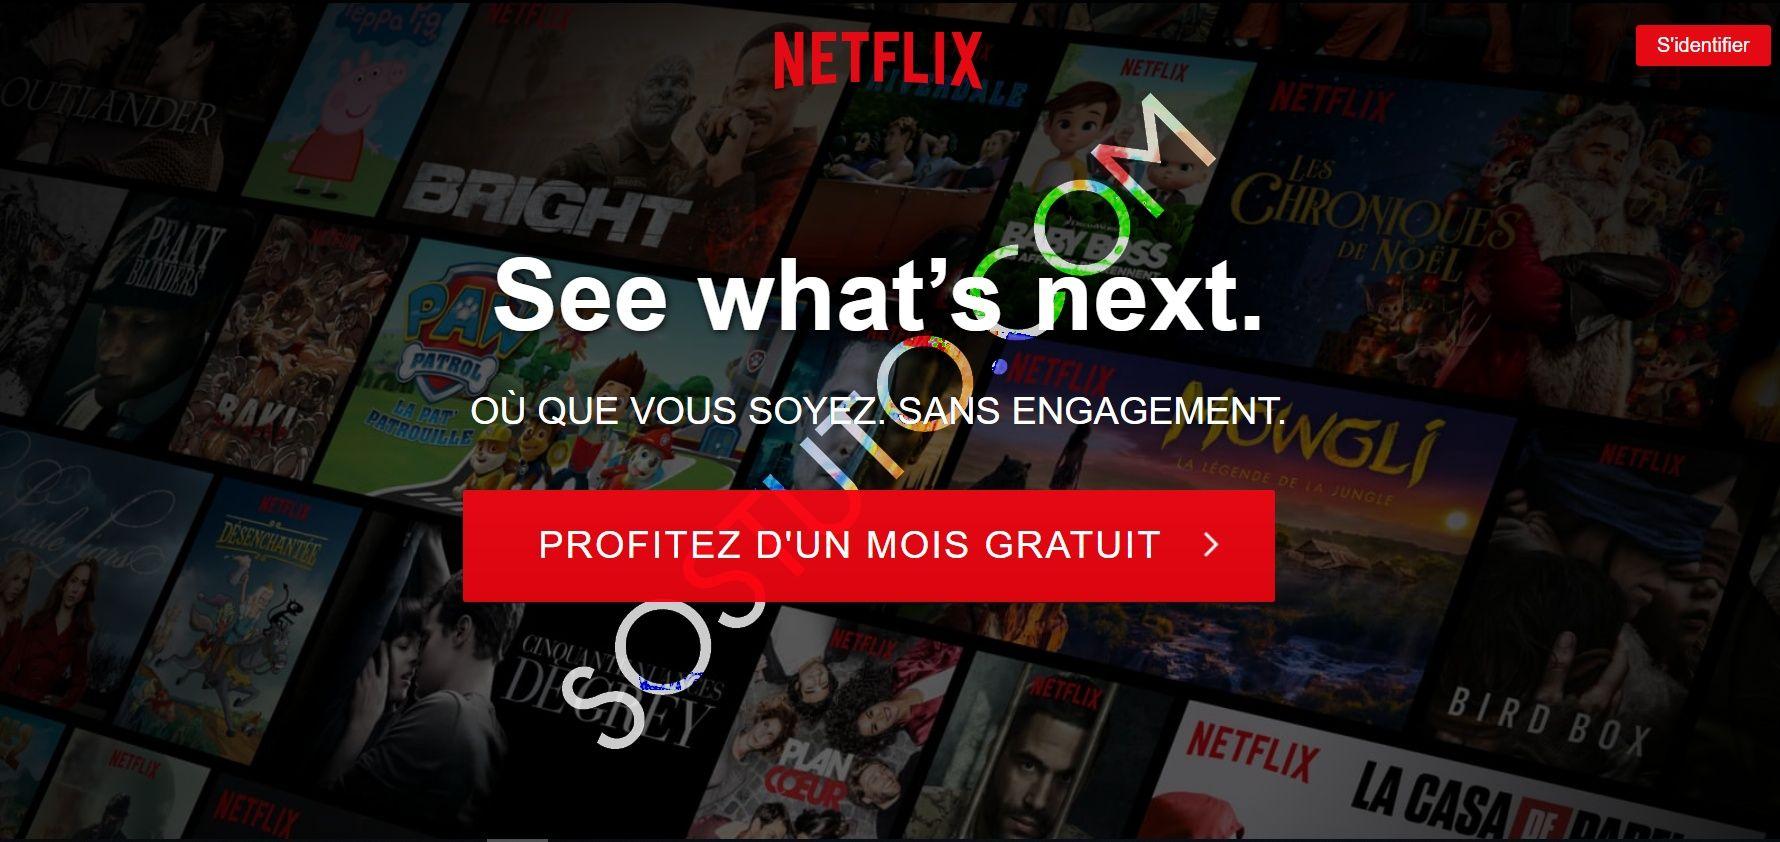 profitez dun mois gratuit netflix Comment Avoir un Compte Netflix Gratuit en 2019 (légalement)